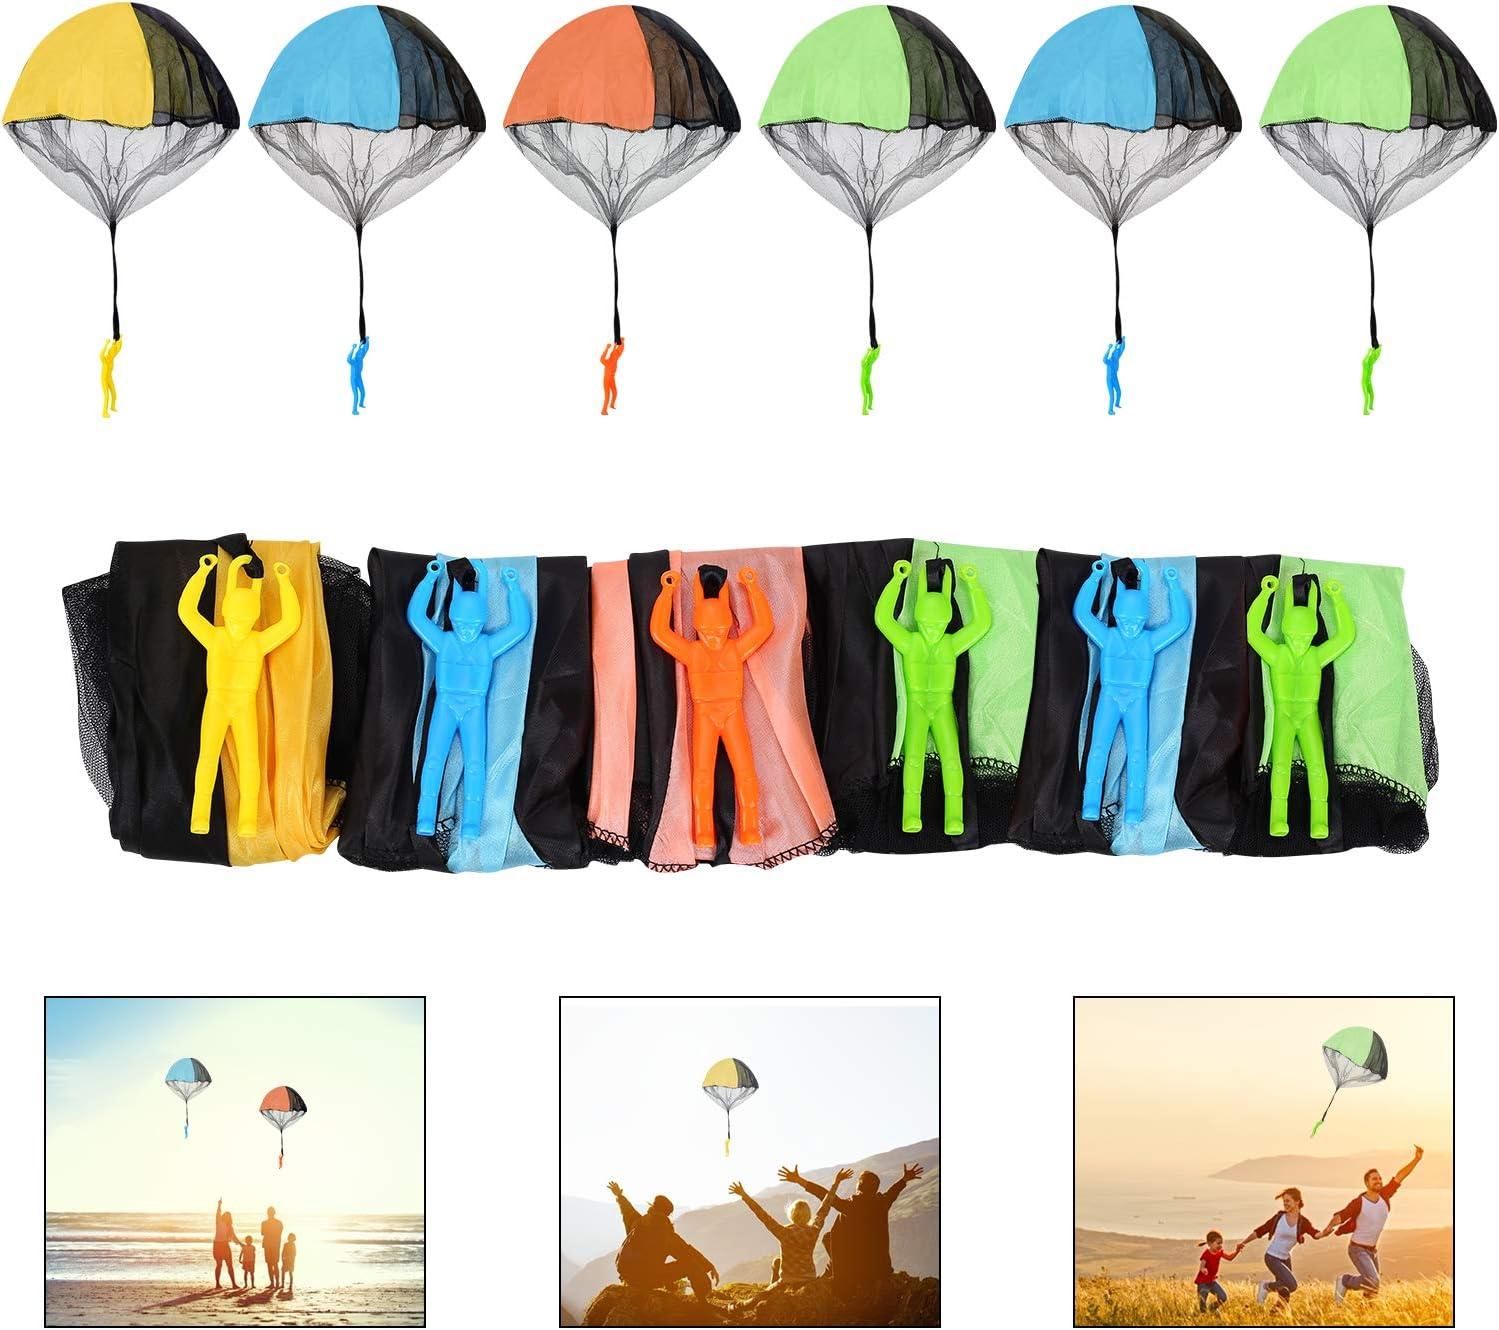 Ulikey 6 Piezas Juguete de Paracaídas, Mano Que Lanza el Juguete del Paracaidista, Paracaidista de Juguetes con Grandes Paracaídas al Aire Libre Los Niños Vuelan